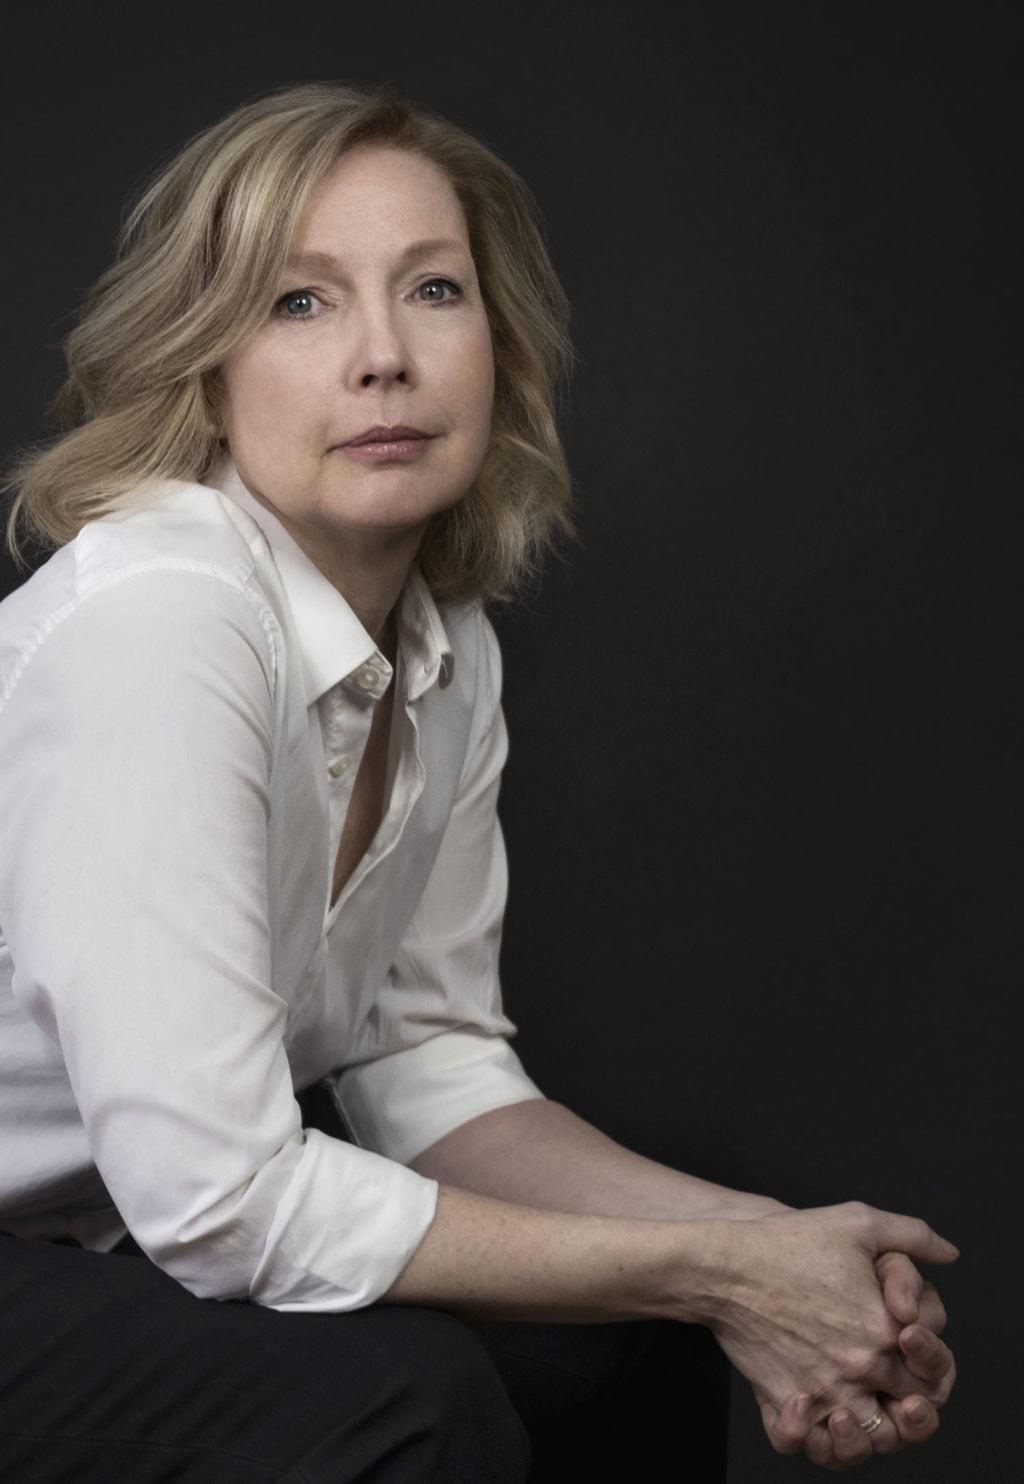 Annette Garant